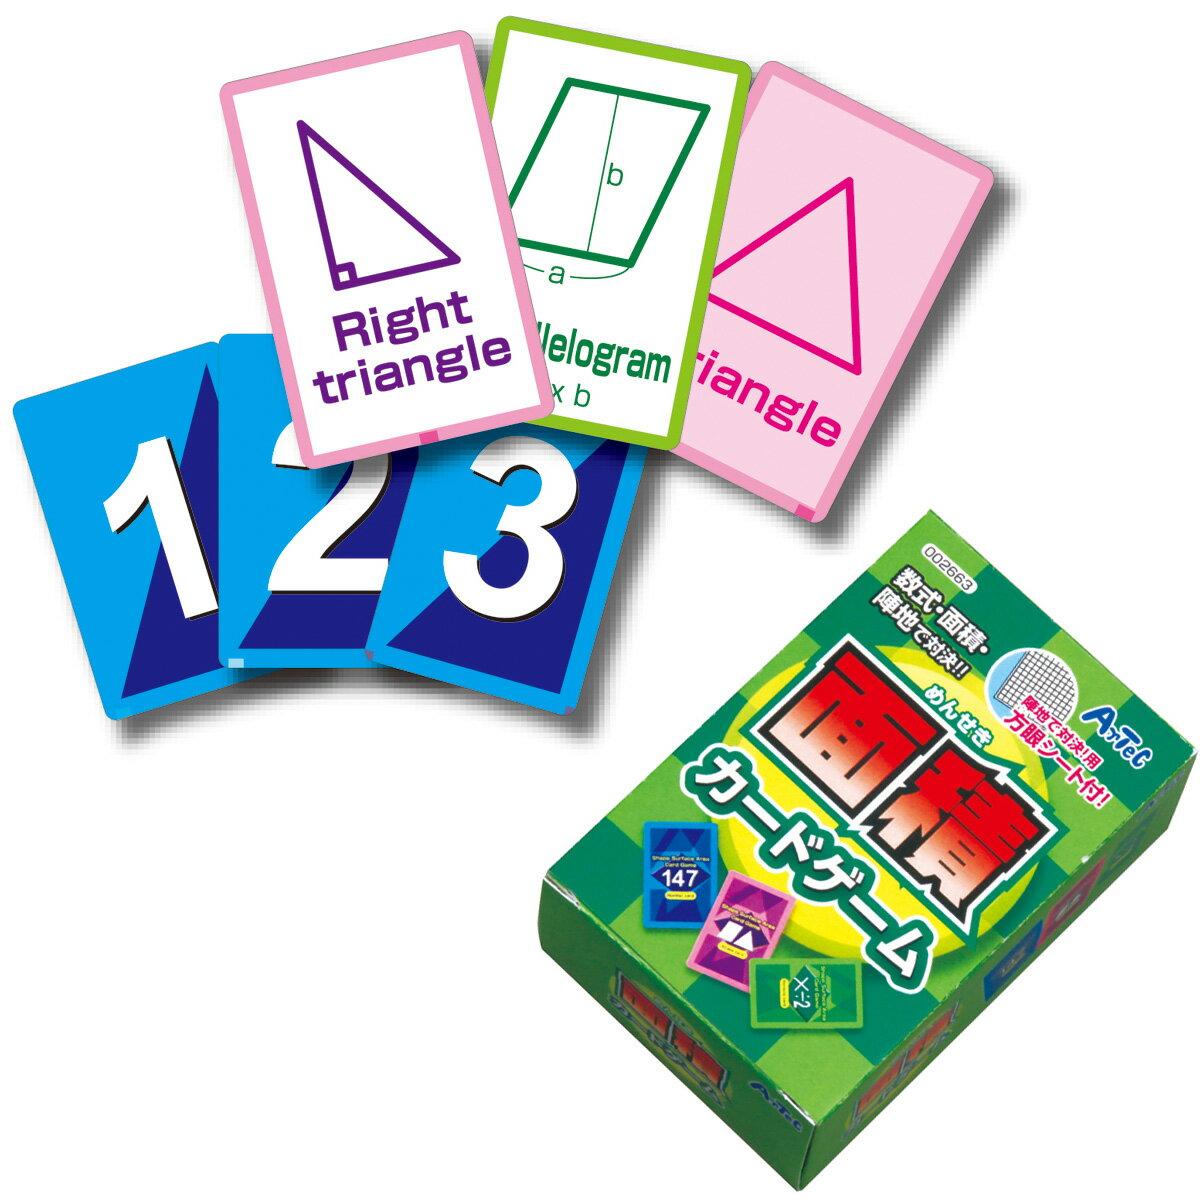 【20日限定クーポン配布中】面積カードゲーム カードゲーム 小学生 お受験 中学受験 学習教材 カード ゲーム 算数 知育玩具 5歳 6歳 7歳 教育